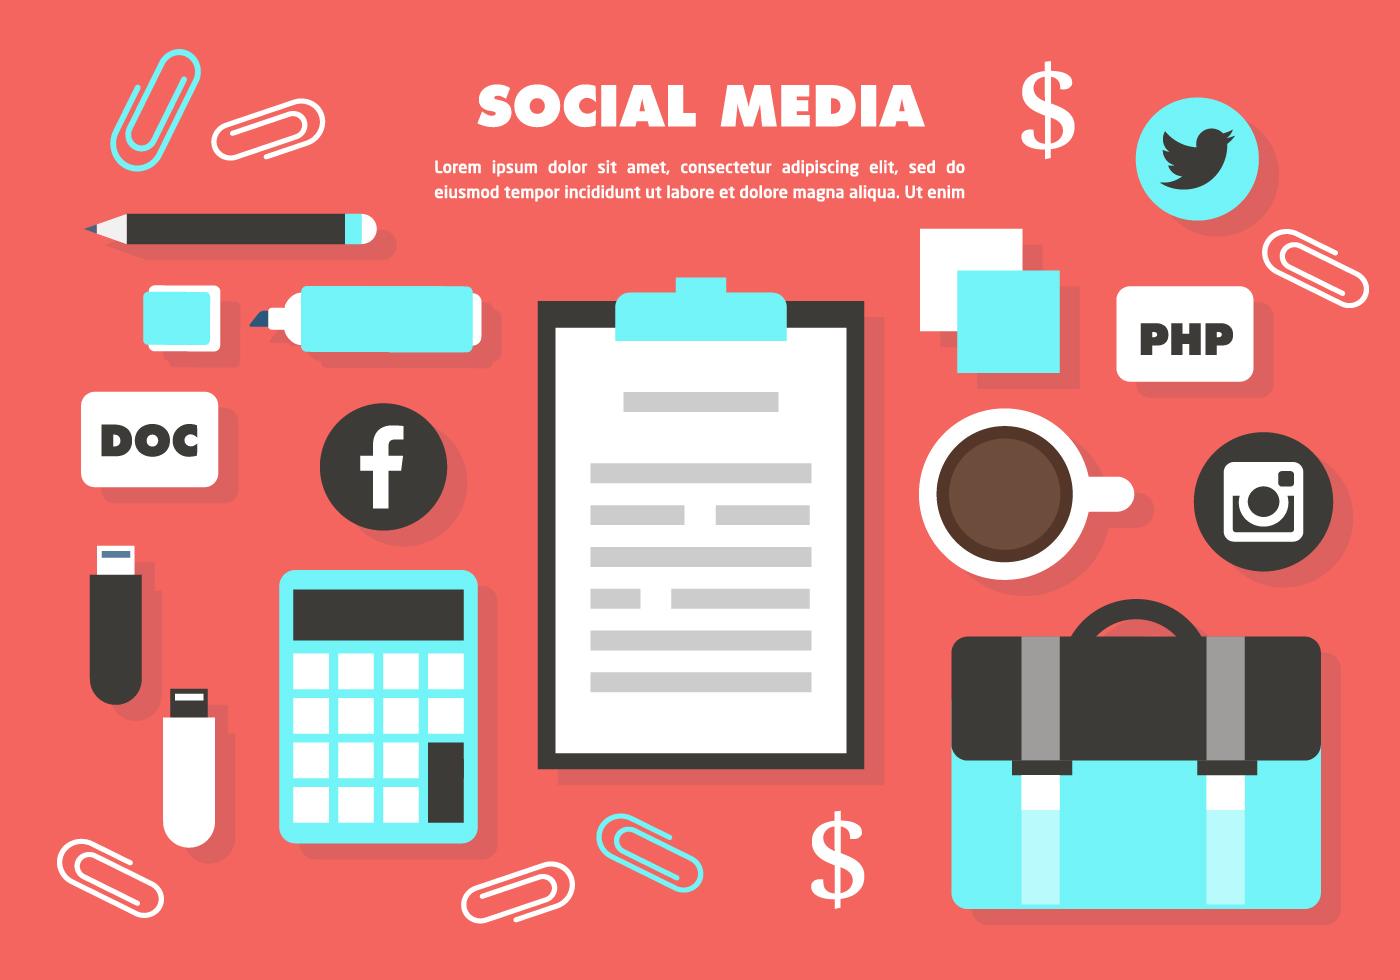 free-social-media-vector-elements.jpg